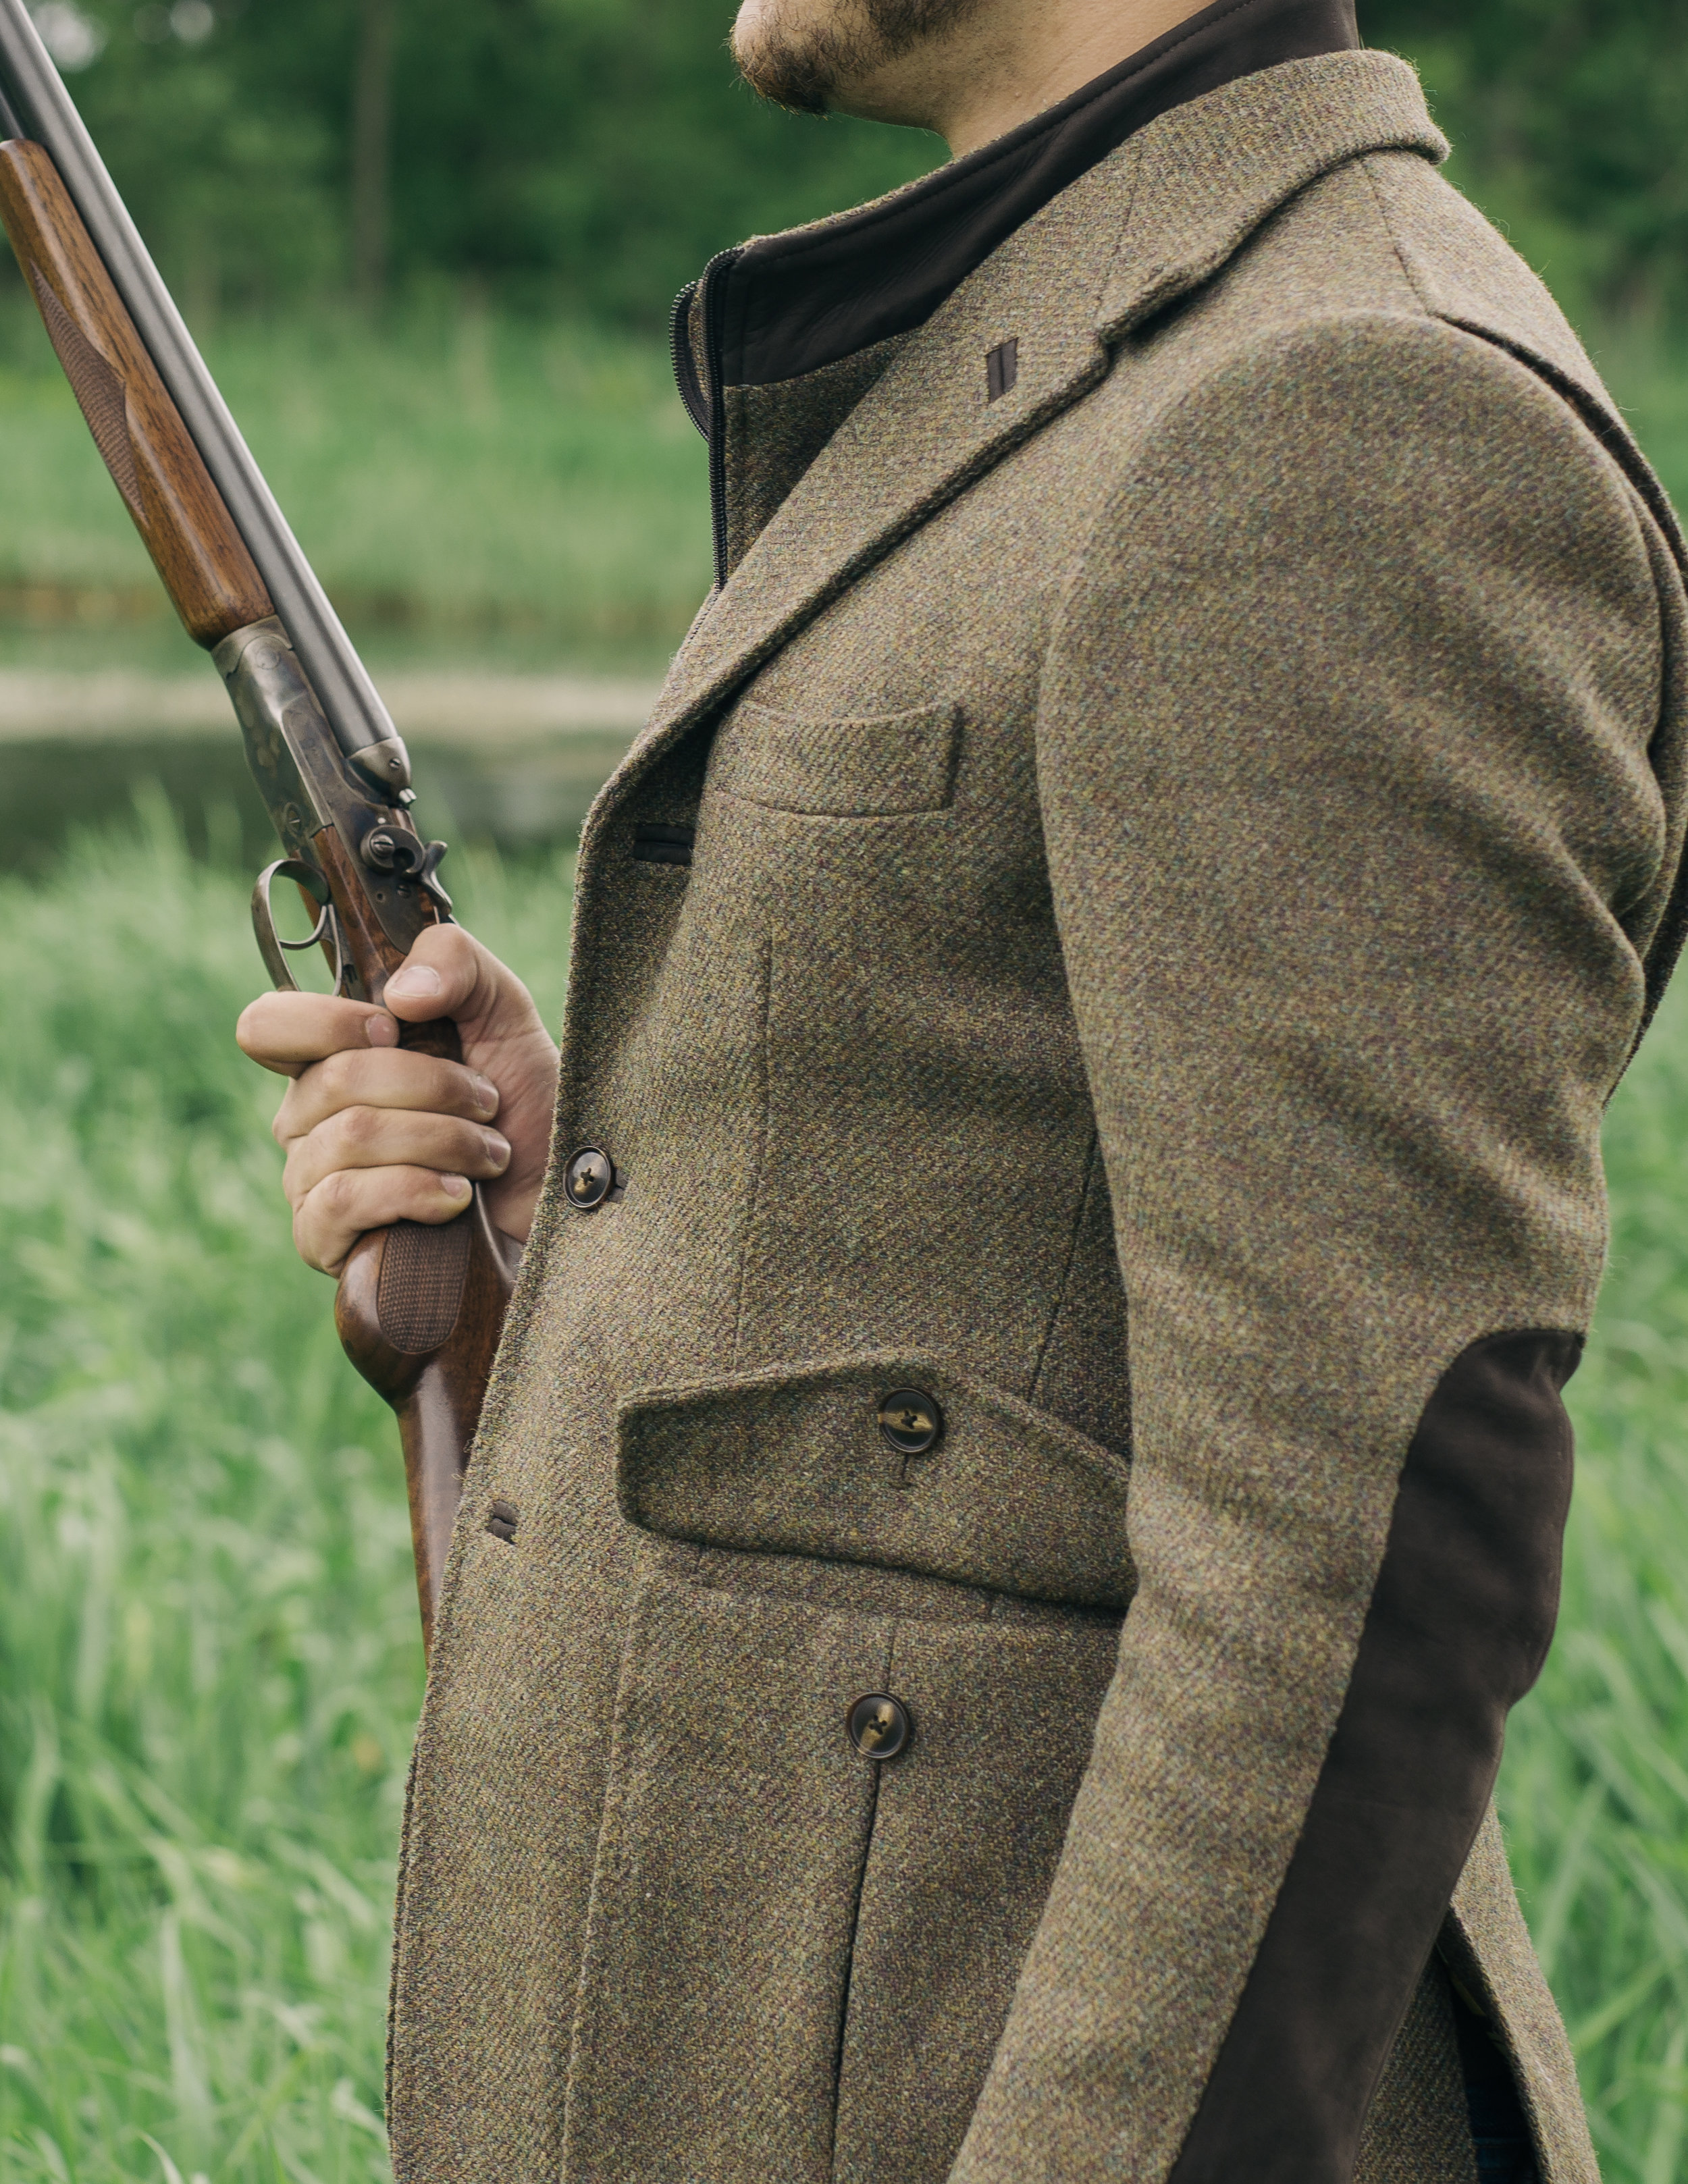 custom donegal tweed shooting jacket